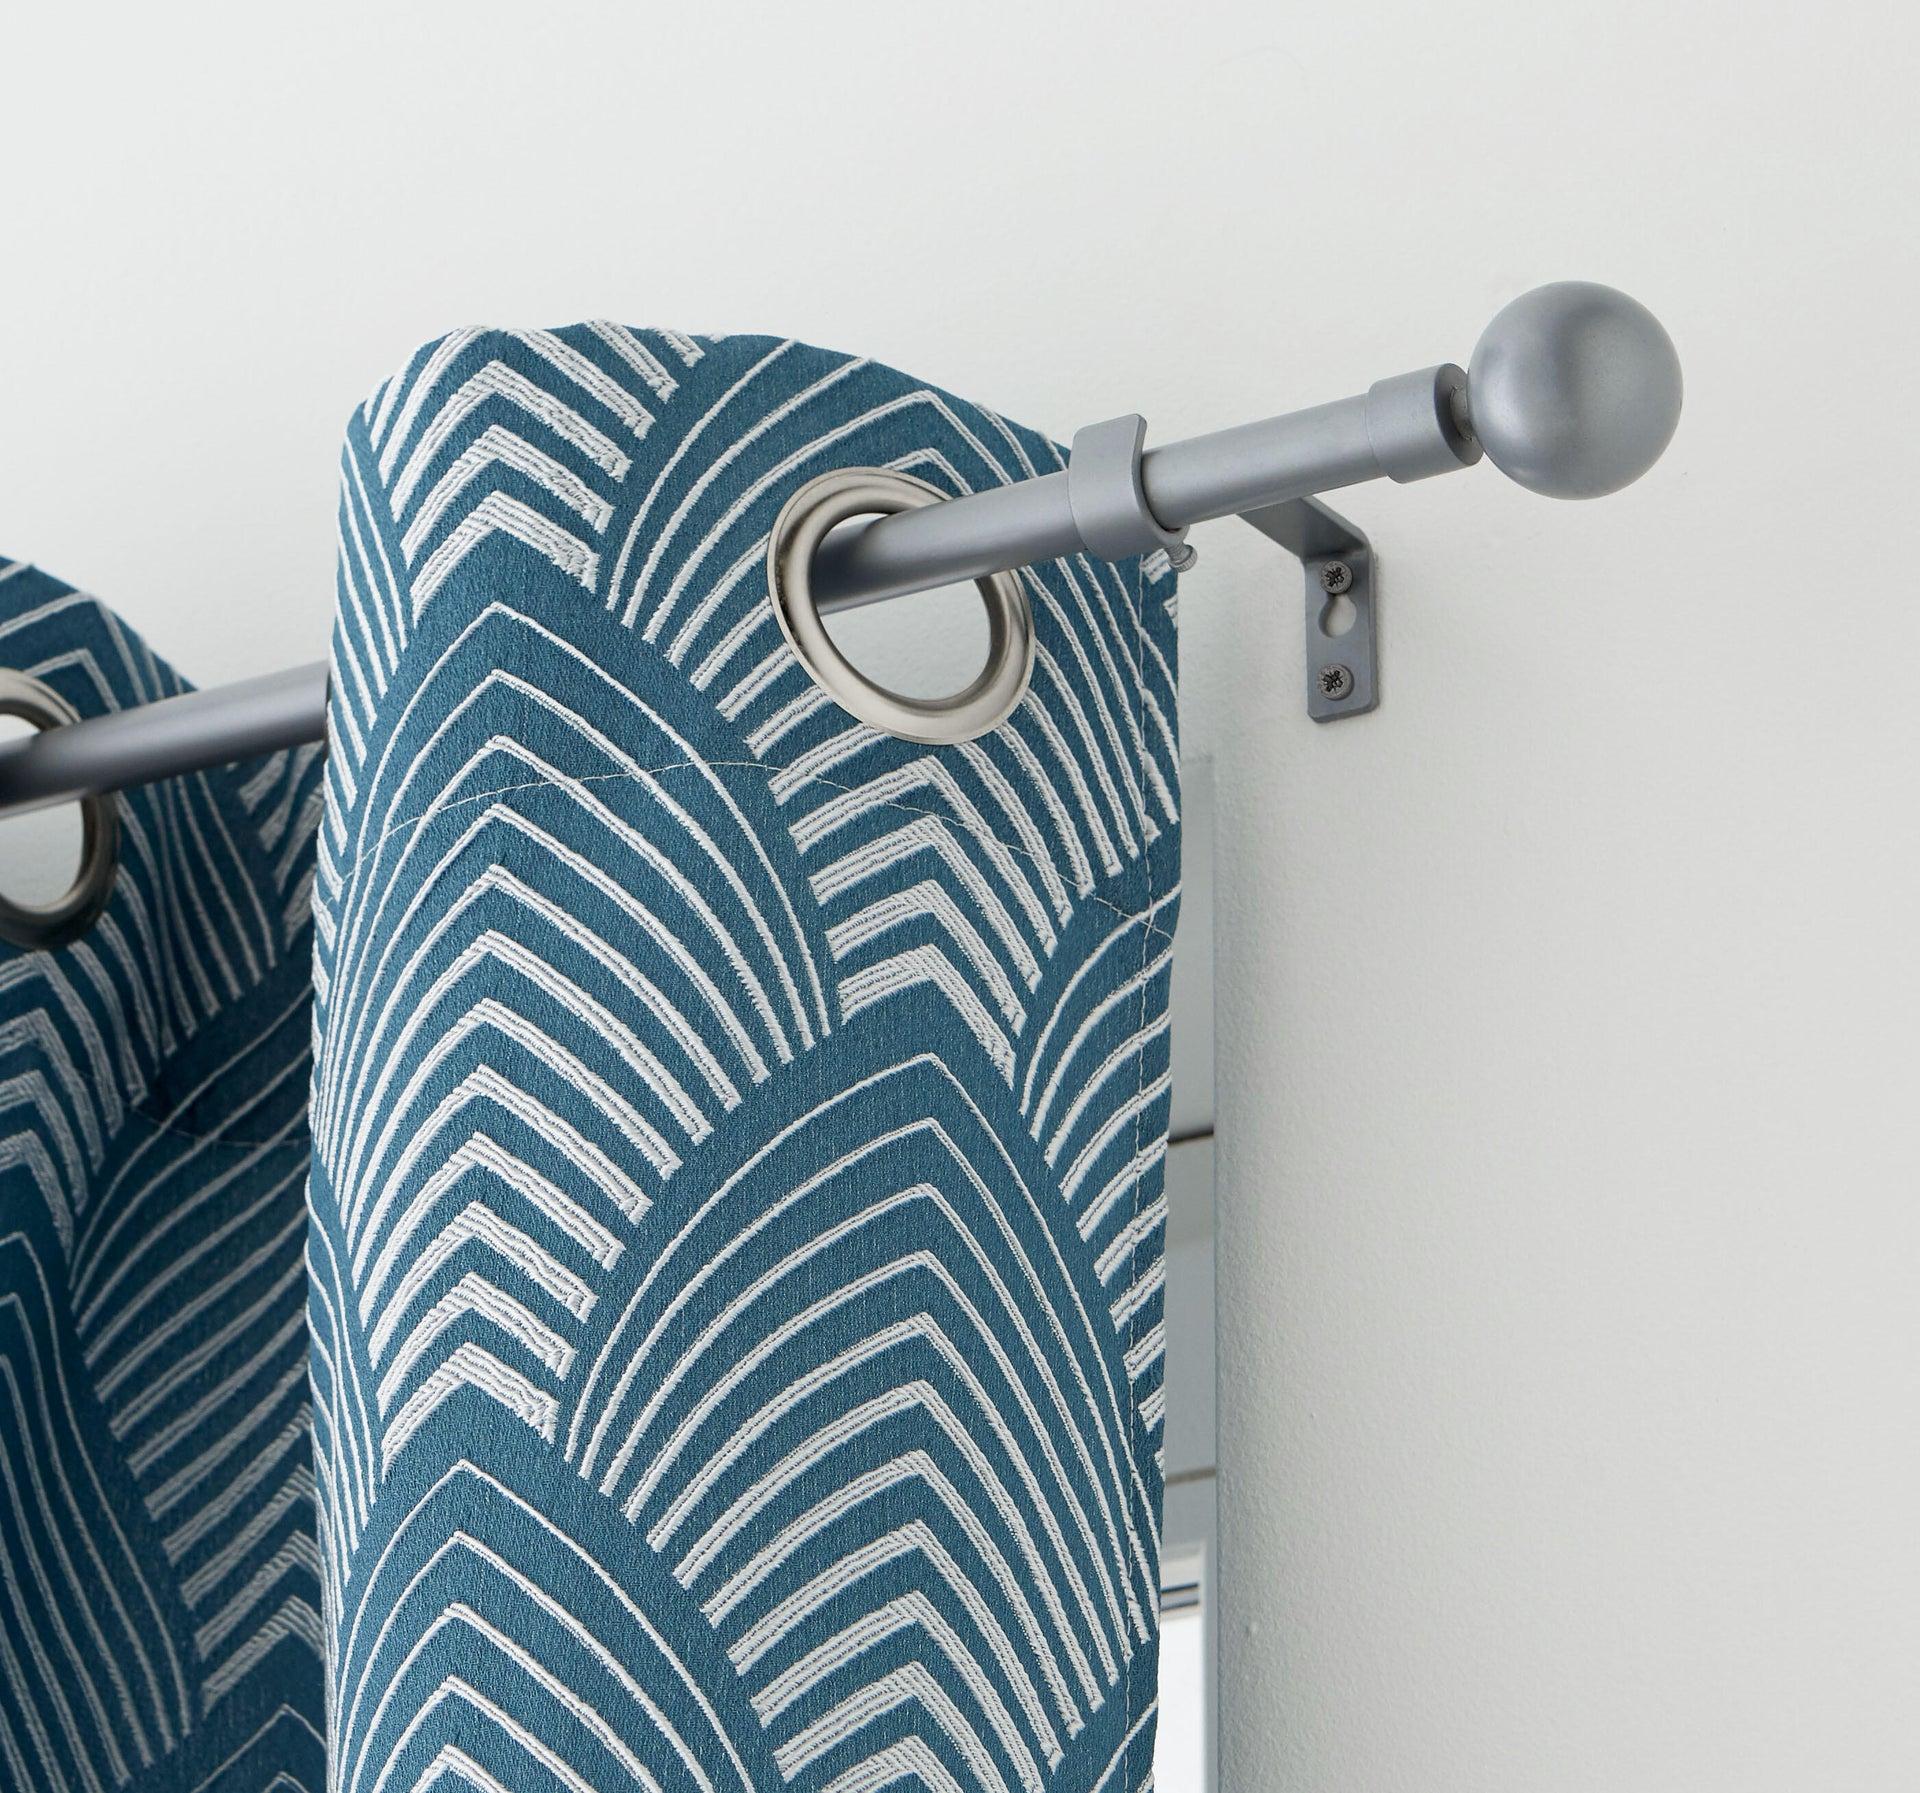 Kit bastone per tenda estensibile Palla in metallo Ø 13/16 mm grigio laccato da 120 a 210 cm - 6